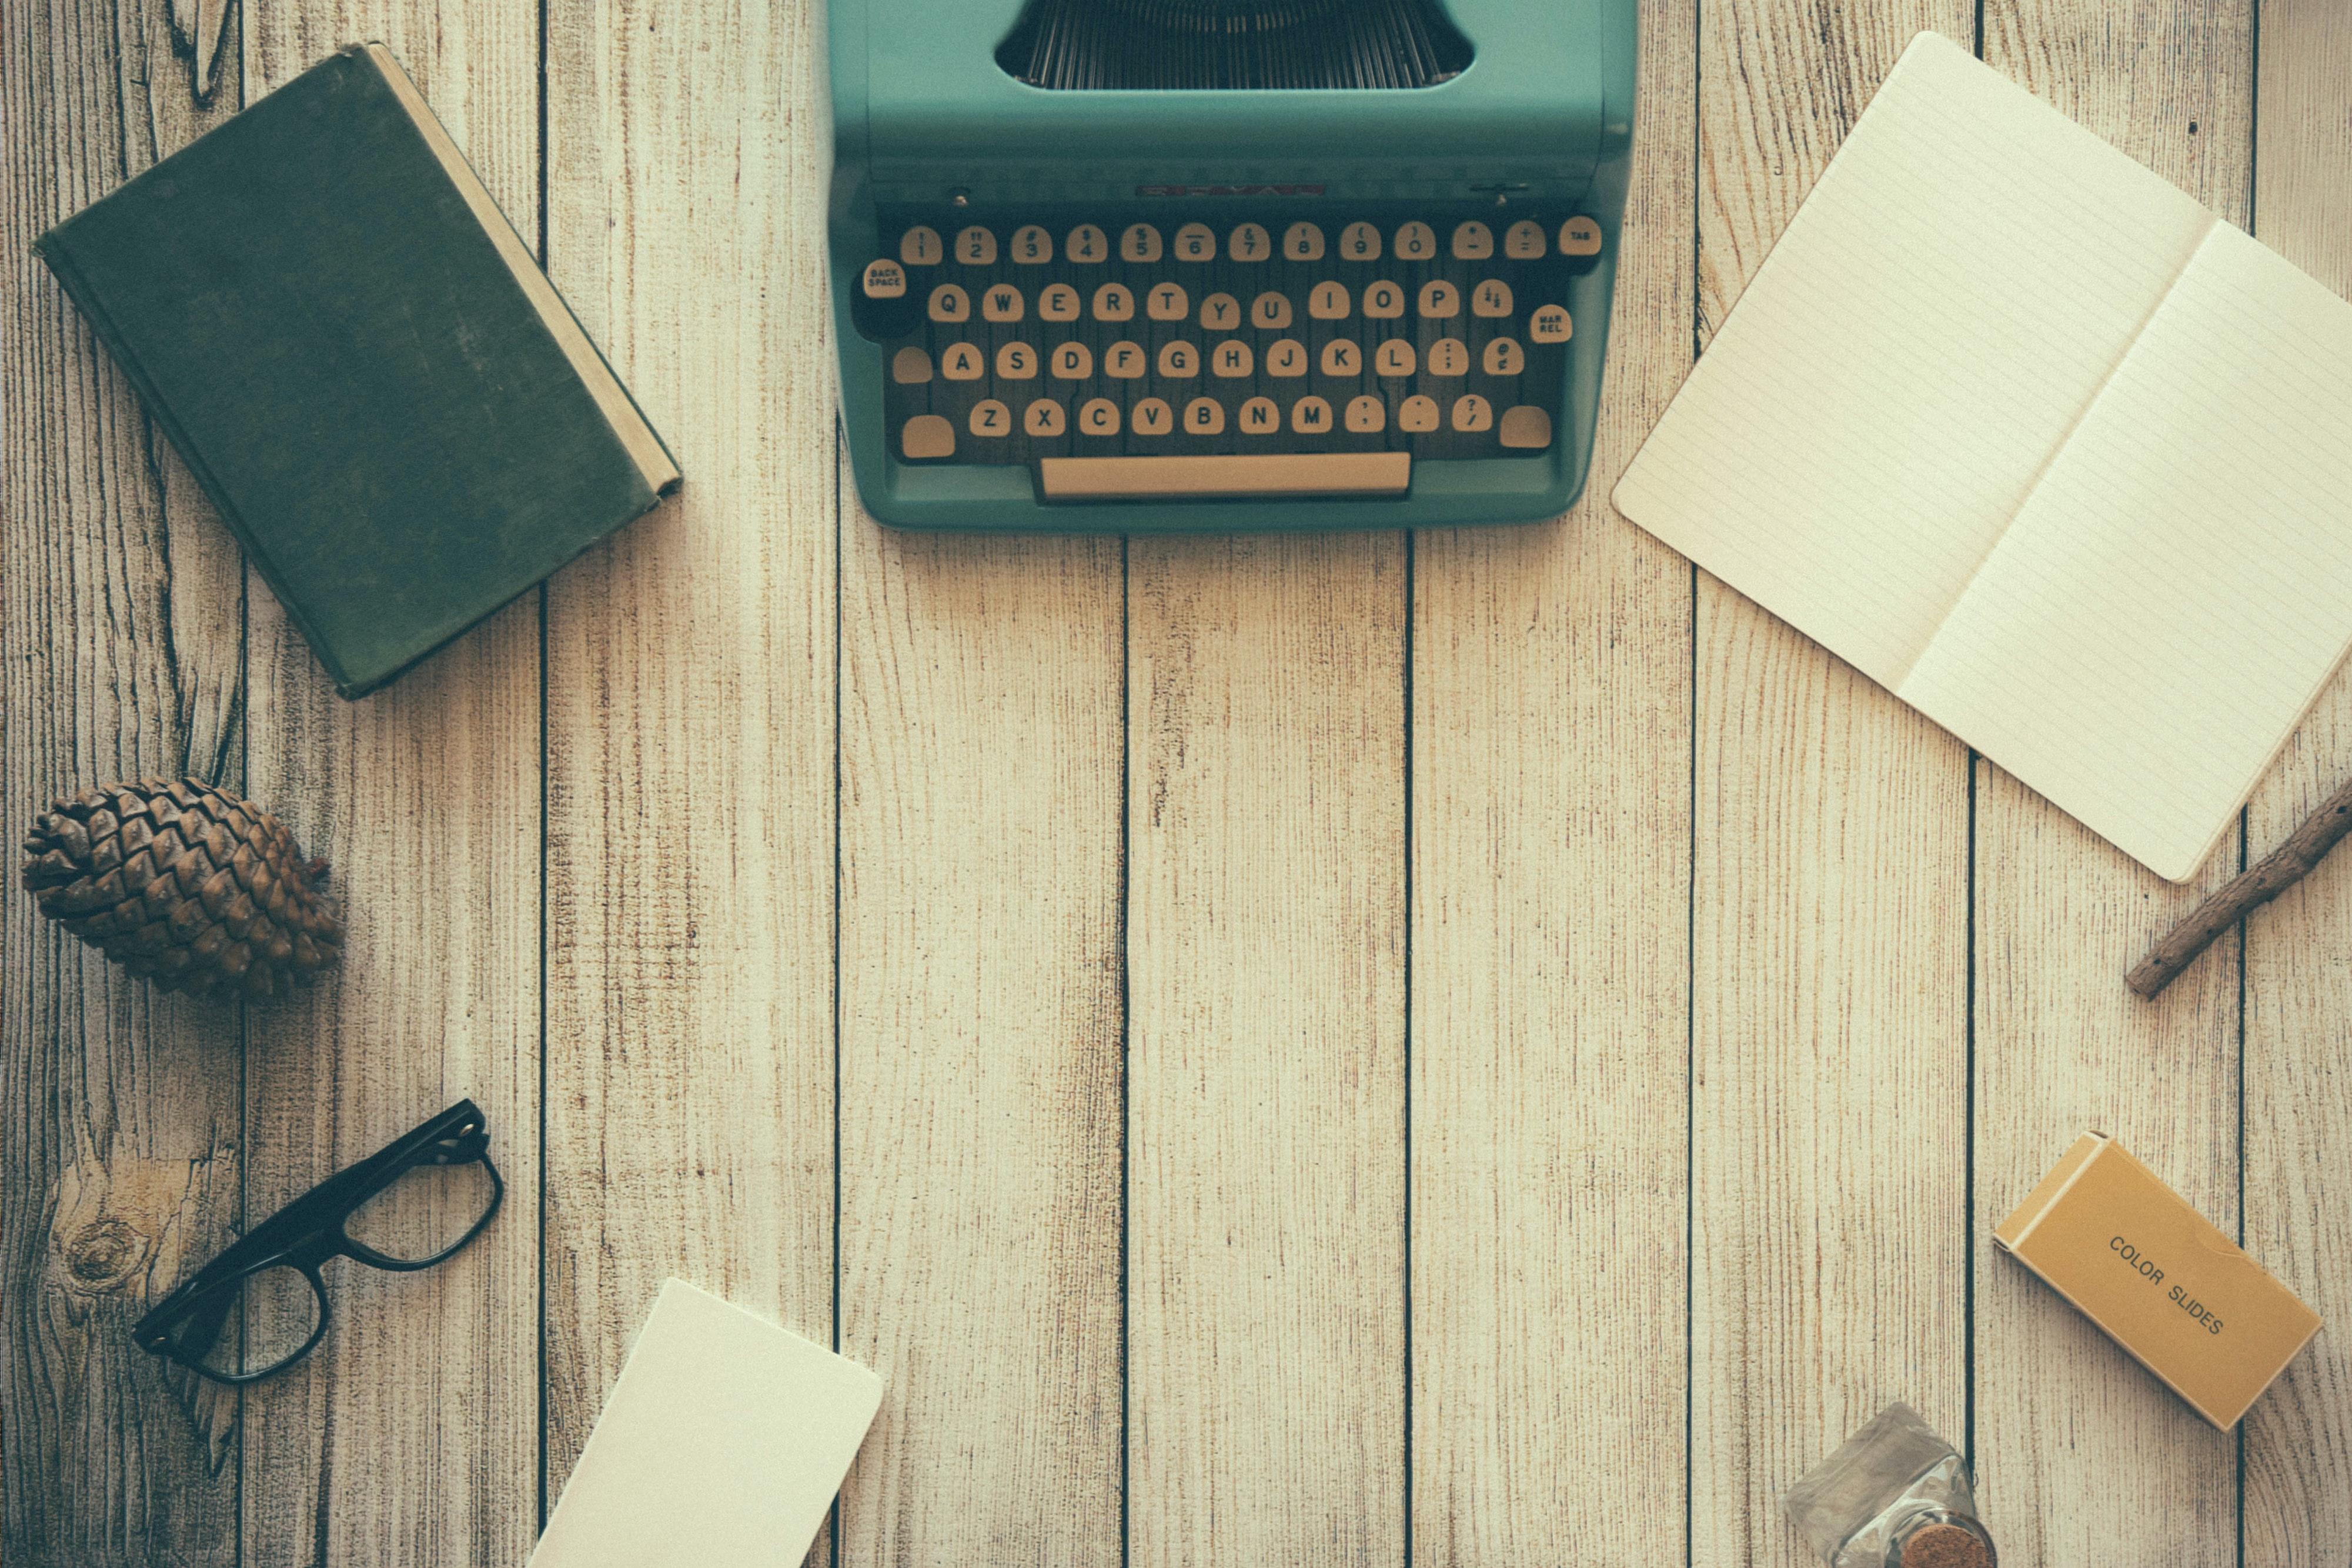 Imcine abre la convocatoria Apoyos a Escritura de Guion y Desarrollo de Proyectos 2021